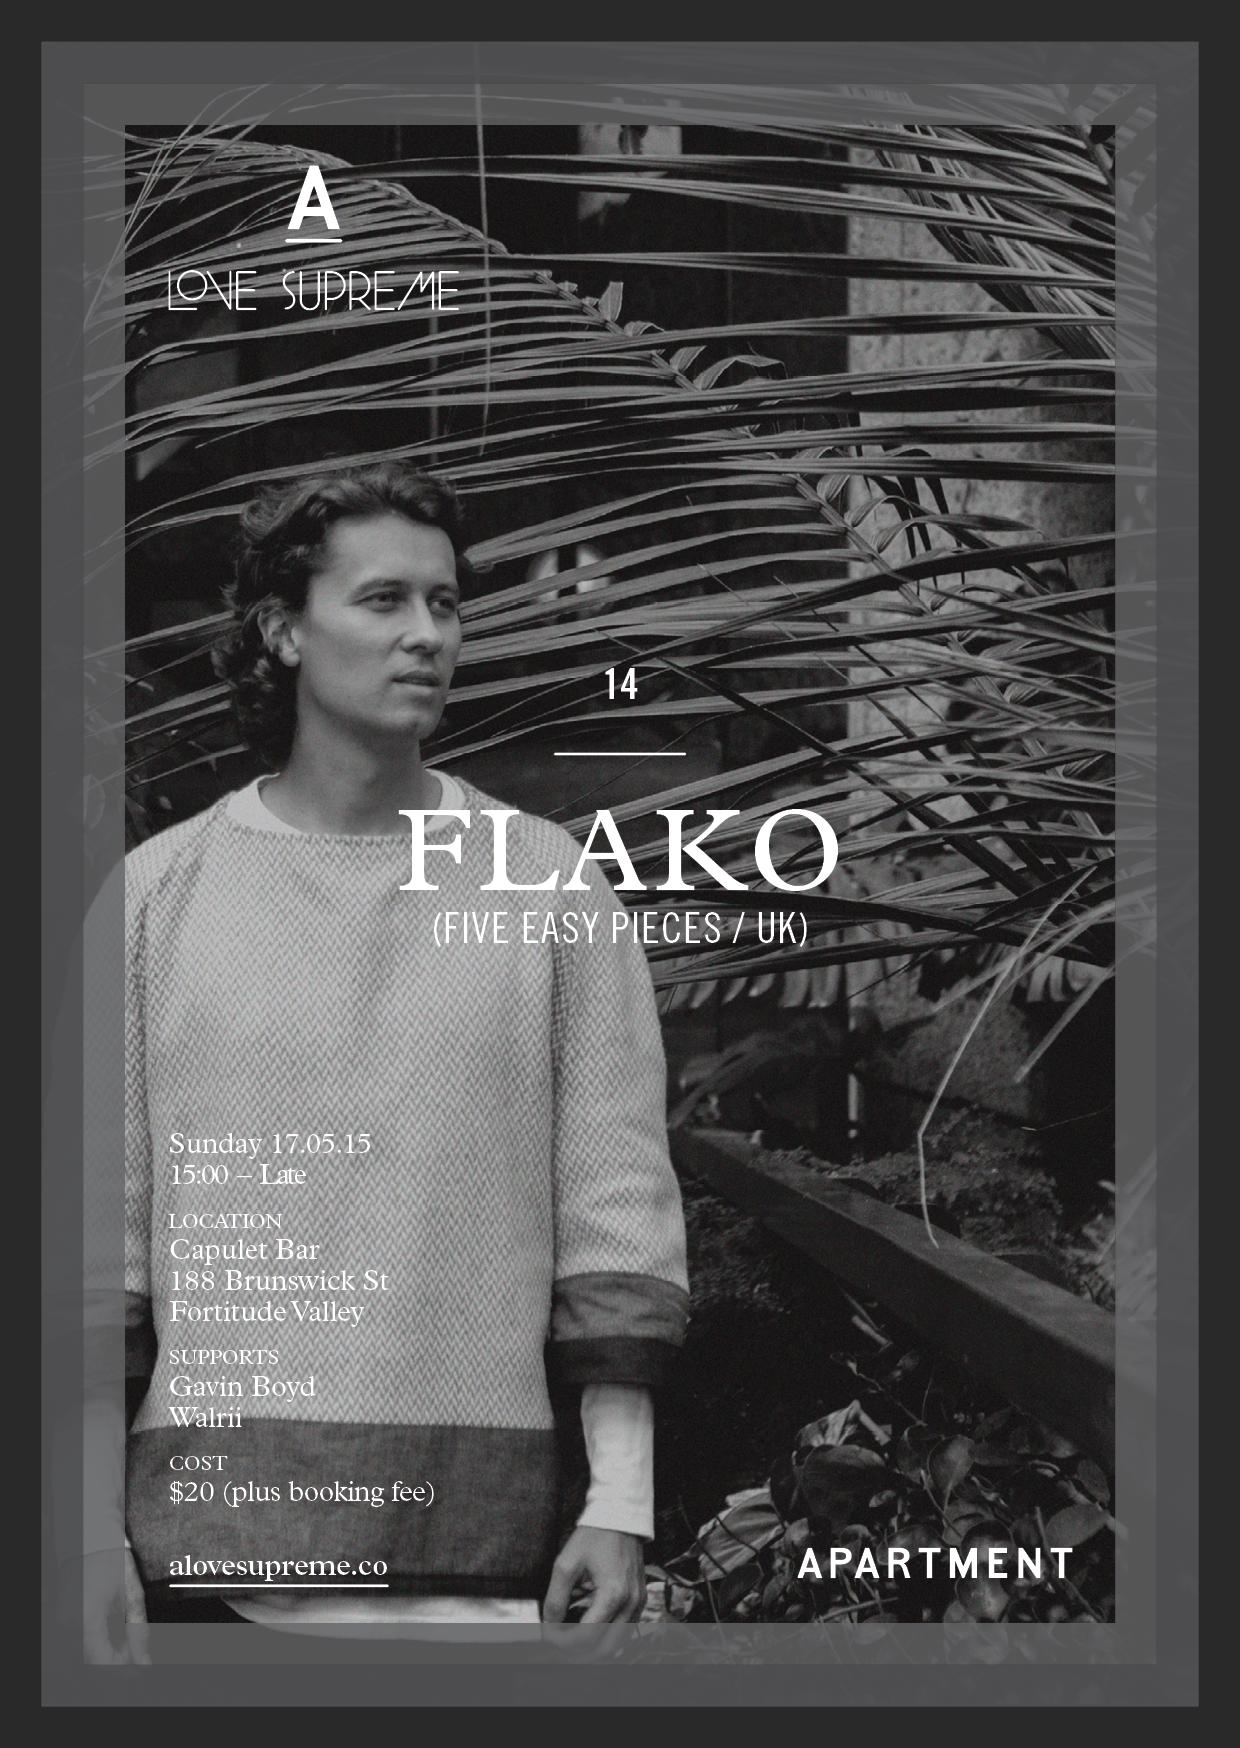 ALS-alovesupreme-14-flako-postcard-press-.png